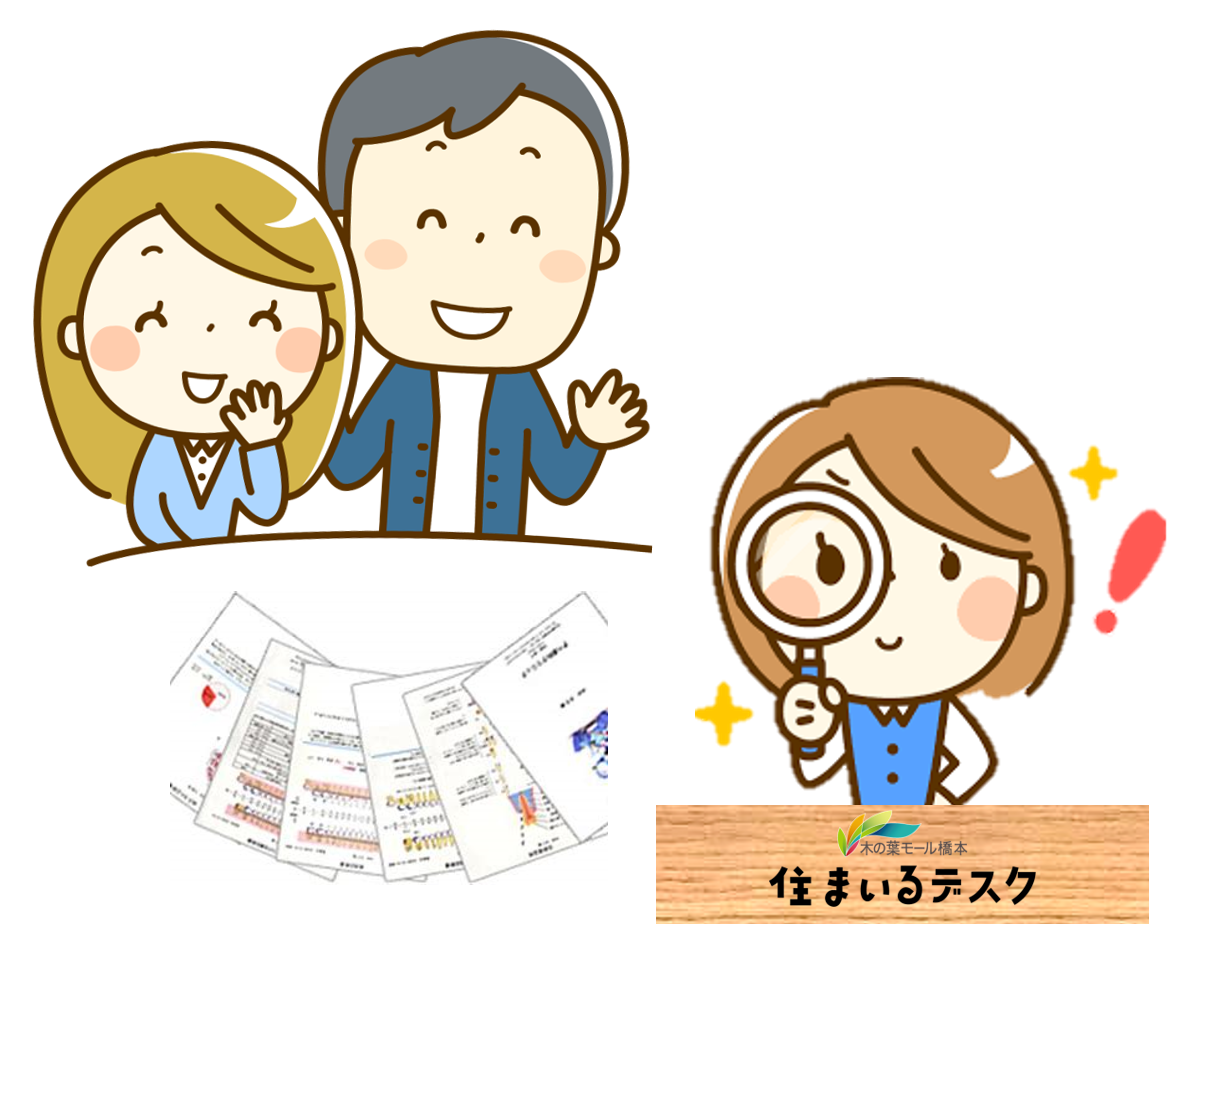 「福岡で家を建てる」住みたい街の探し方と資金計画